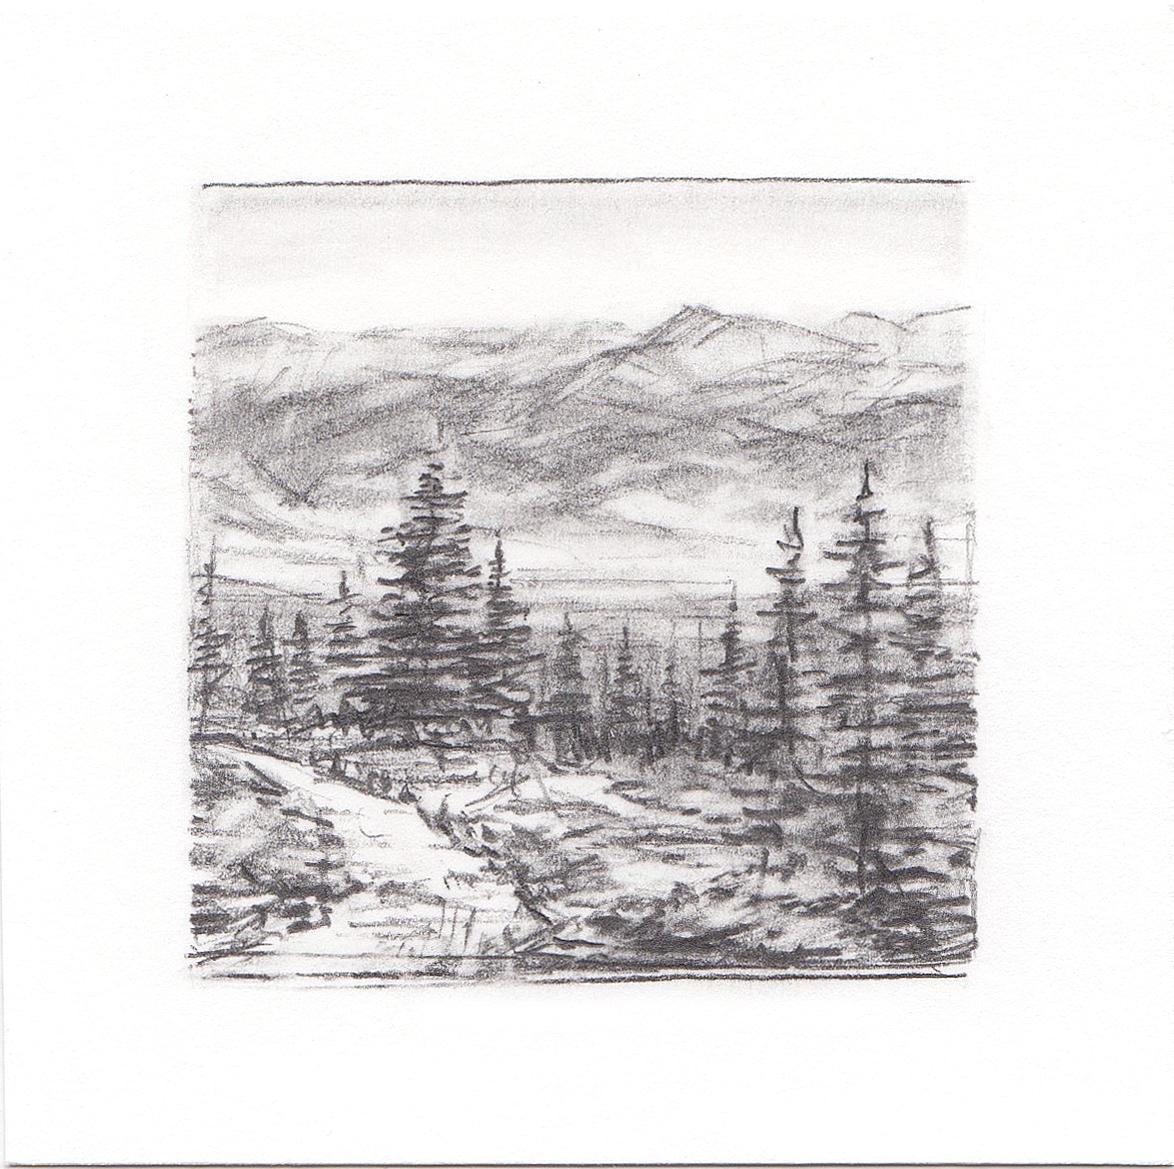 #7 Mt. Elbert Trail, Colorado | 3x3 | graphite